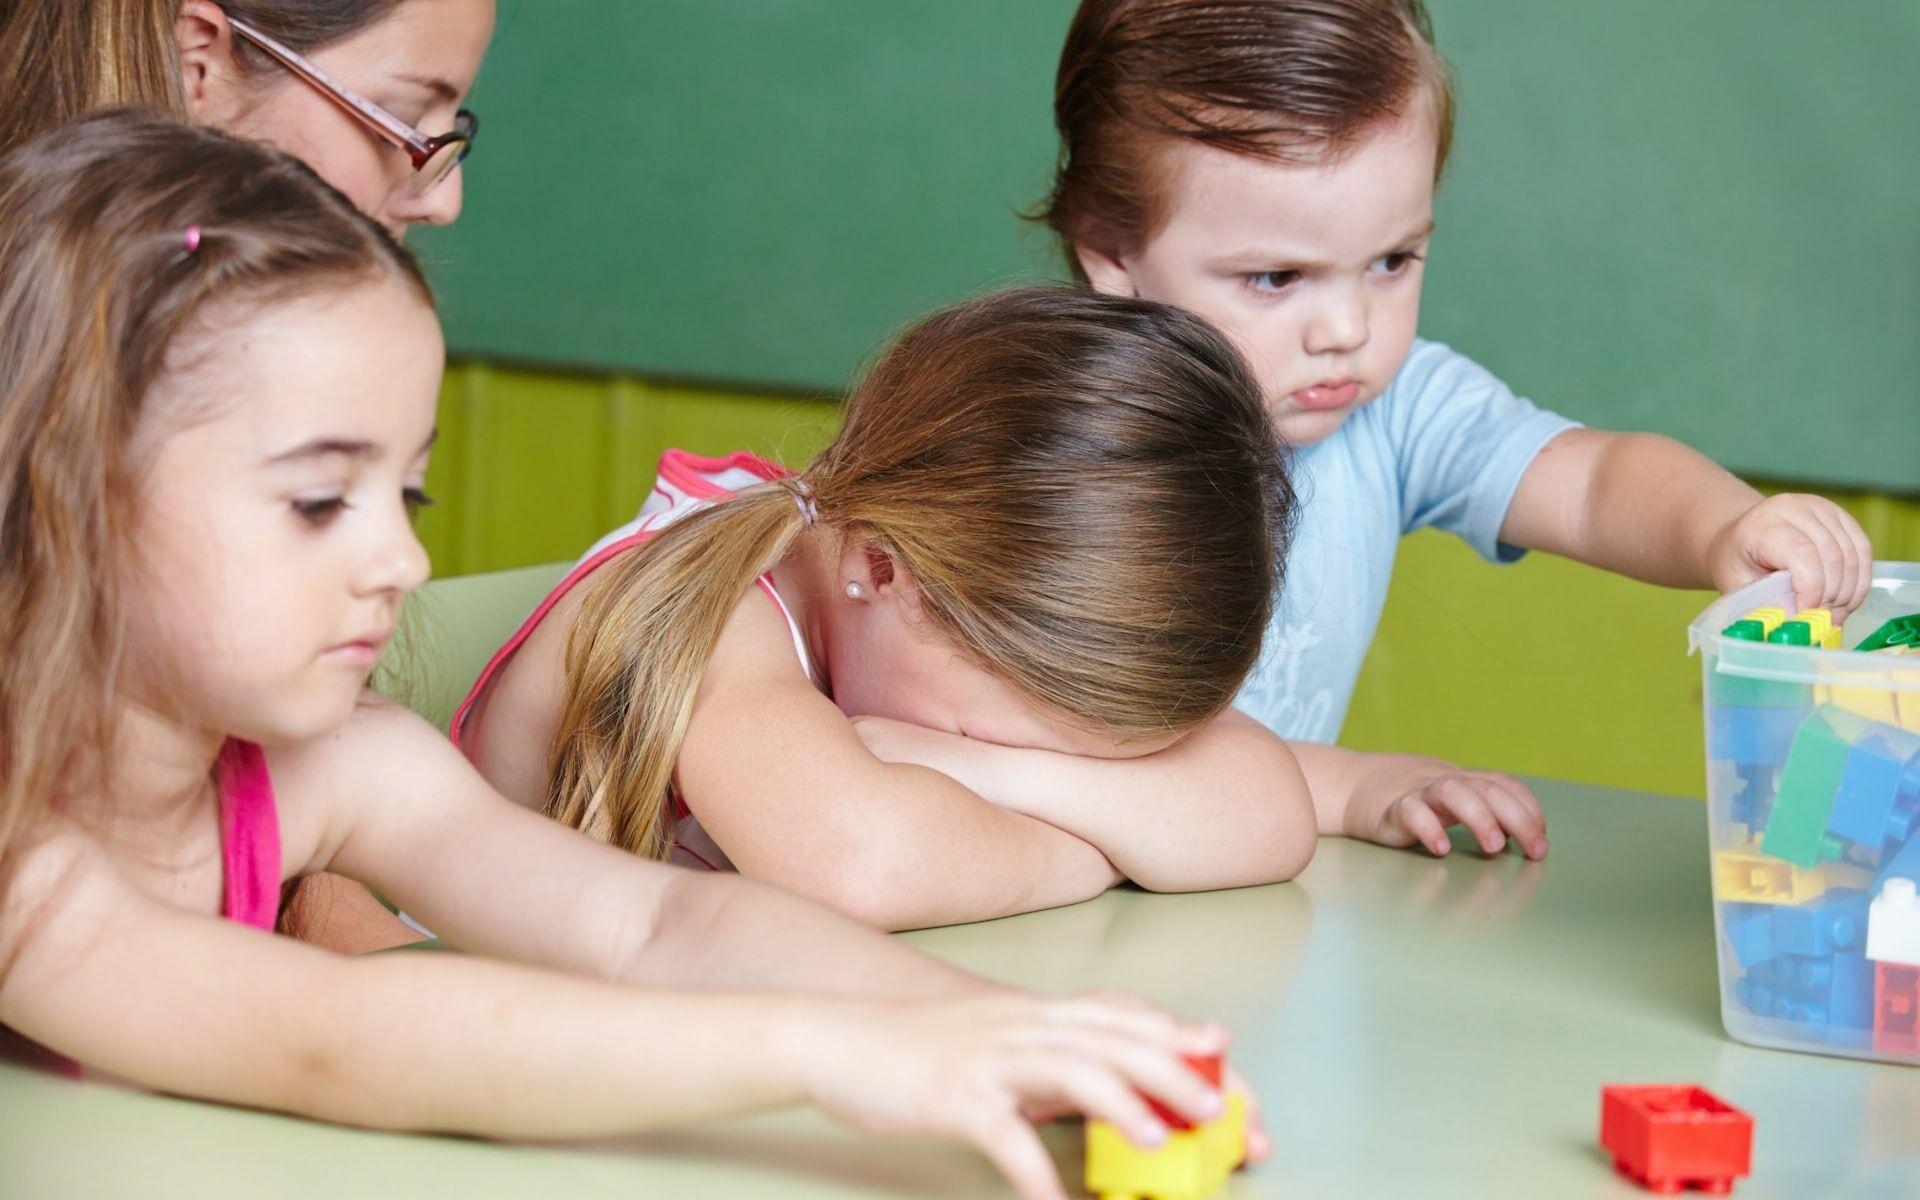 给孩子读儿歌没用? 研究发现儿时掌握词汇量与成年后失业几率有关